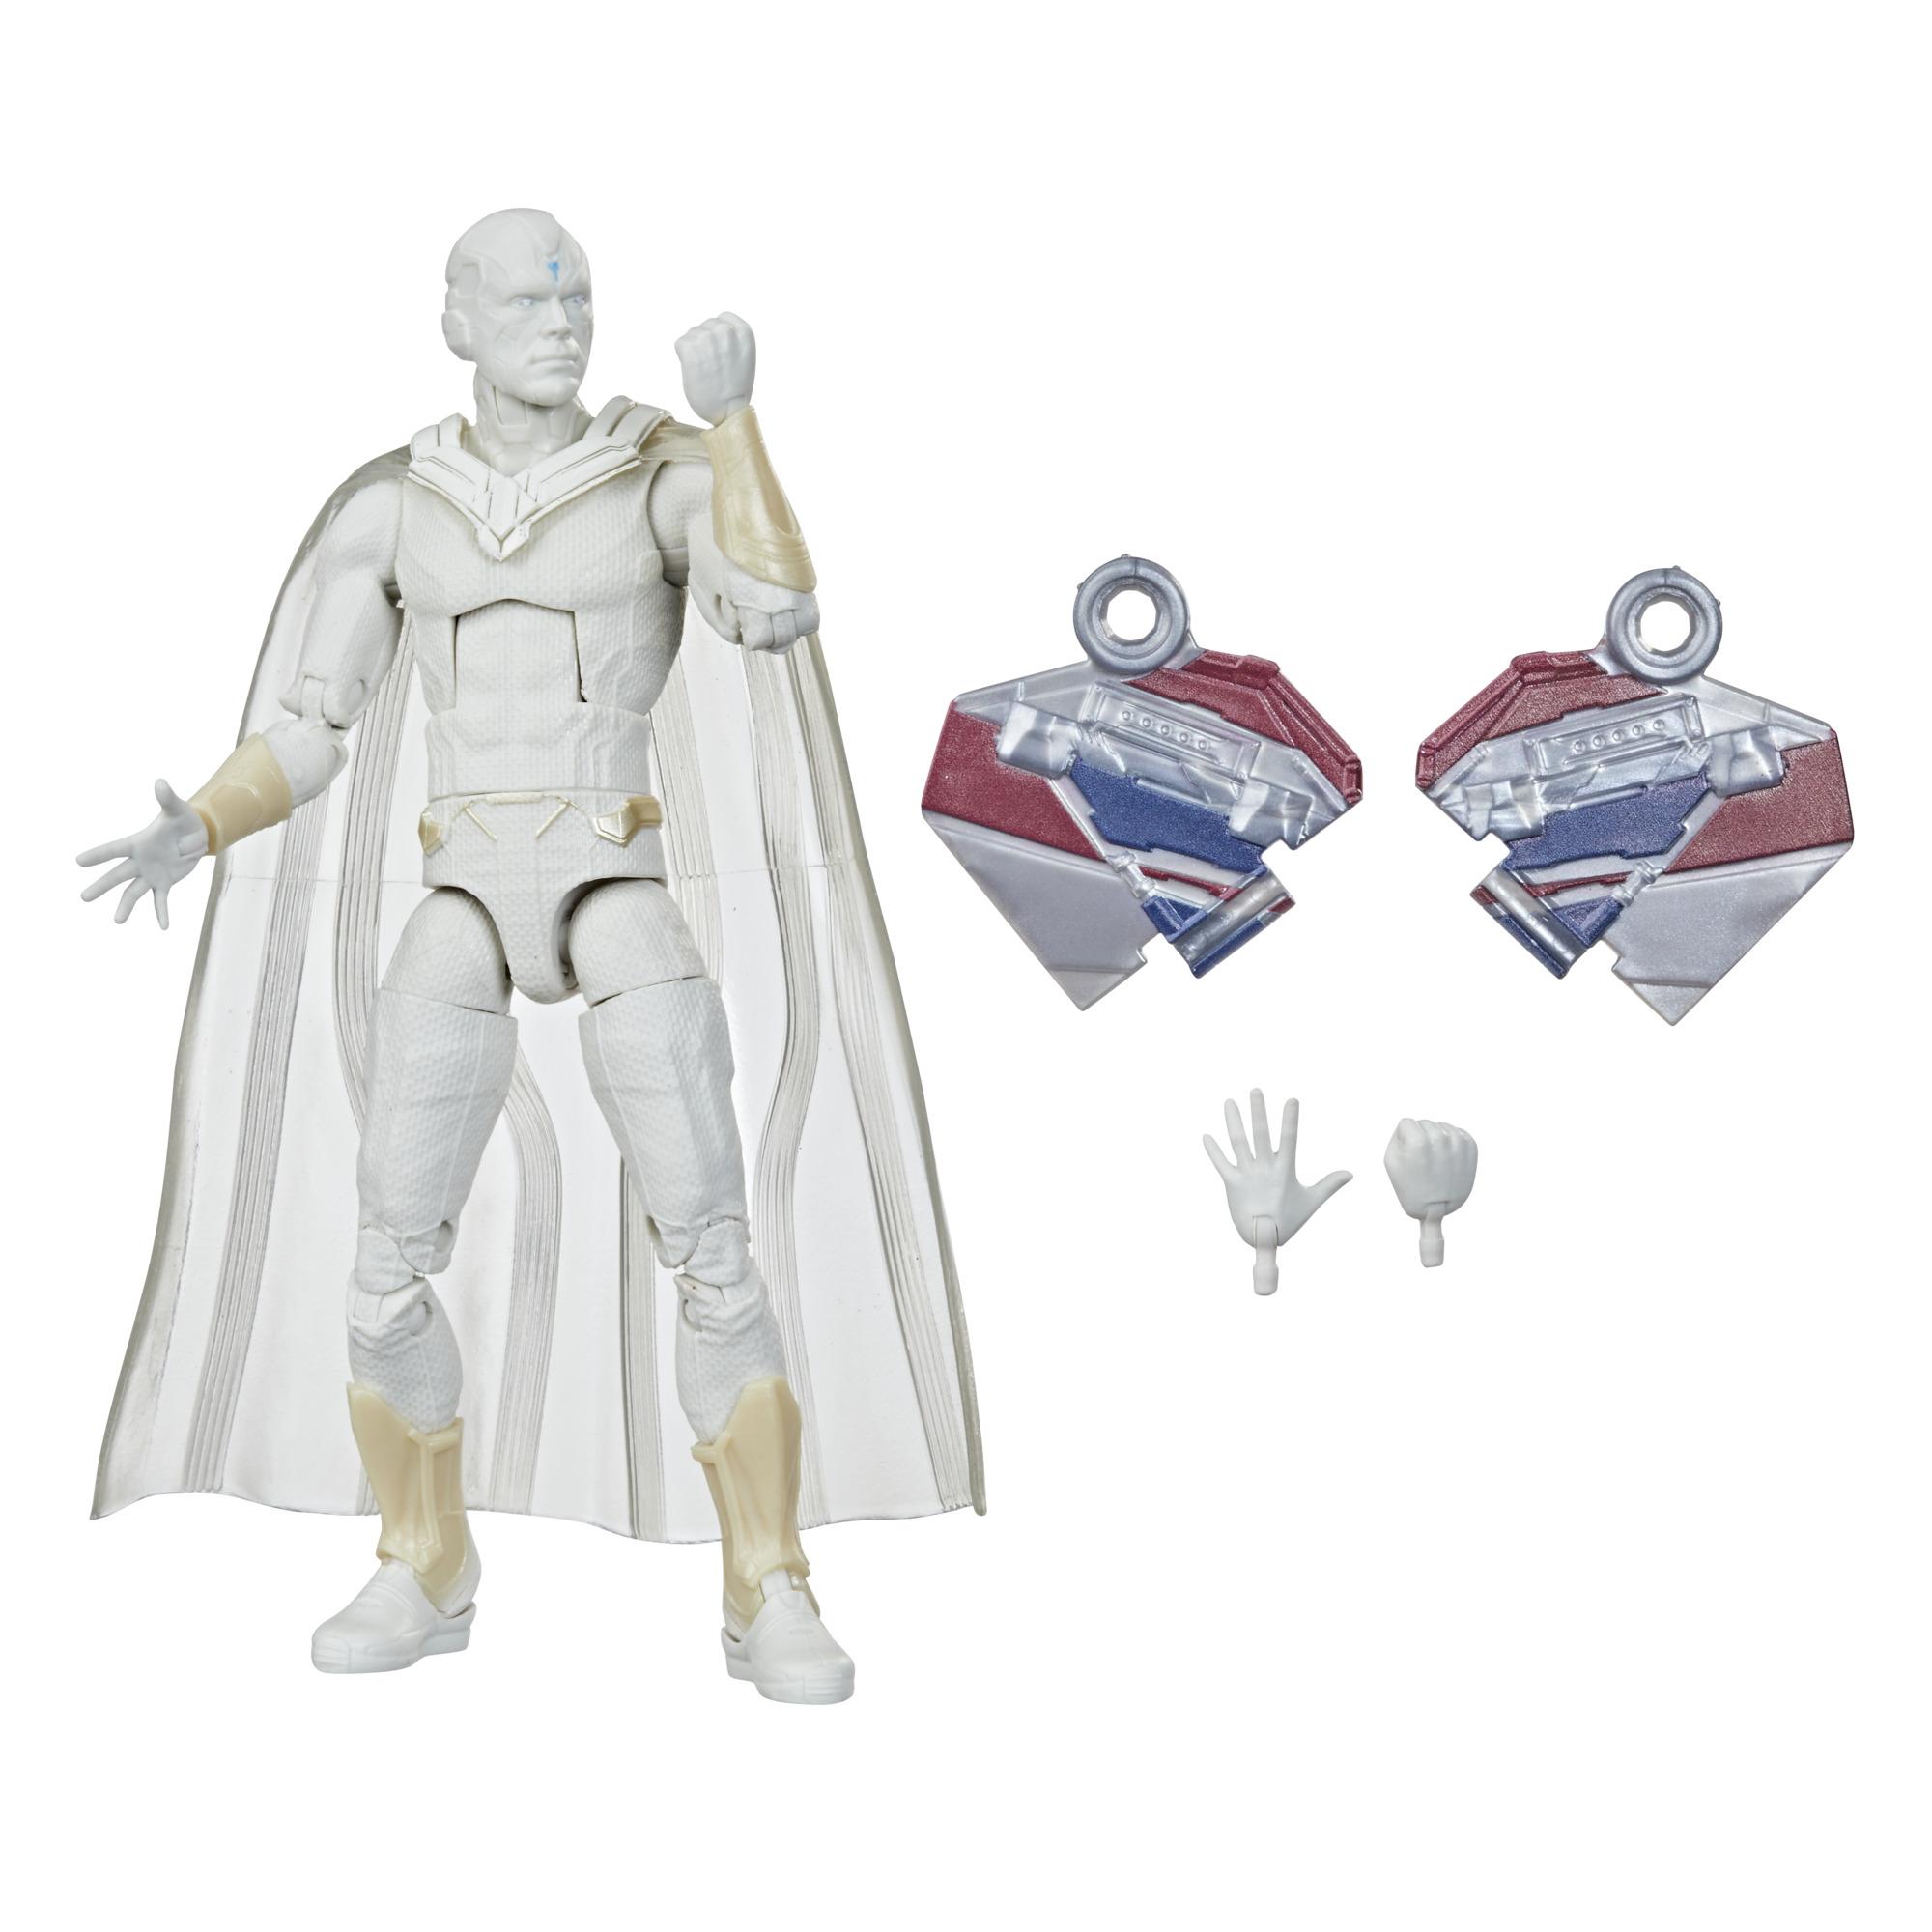 Marvel Legends Series Avengers Action Figure Vision Build a Figure F0326 5010993790890